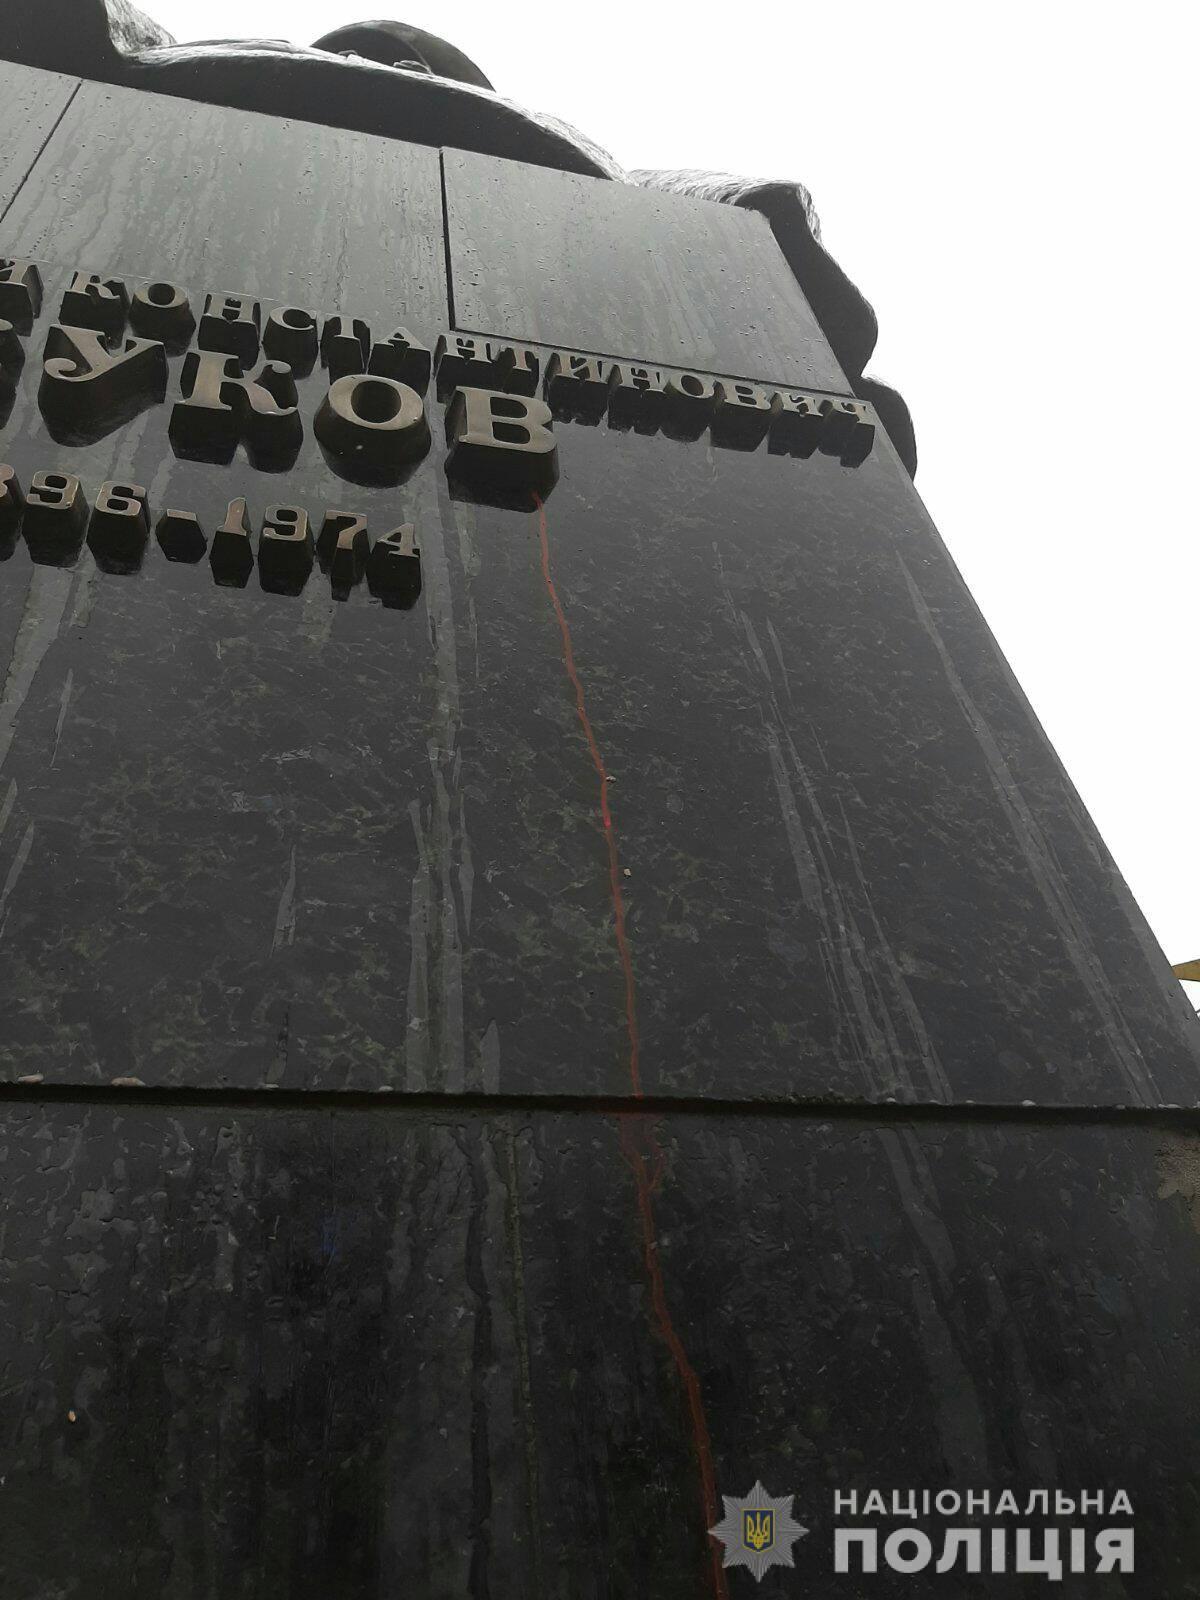 Полиция Харькова проводит проверку по факту повреждения памятника Жукову